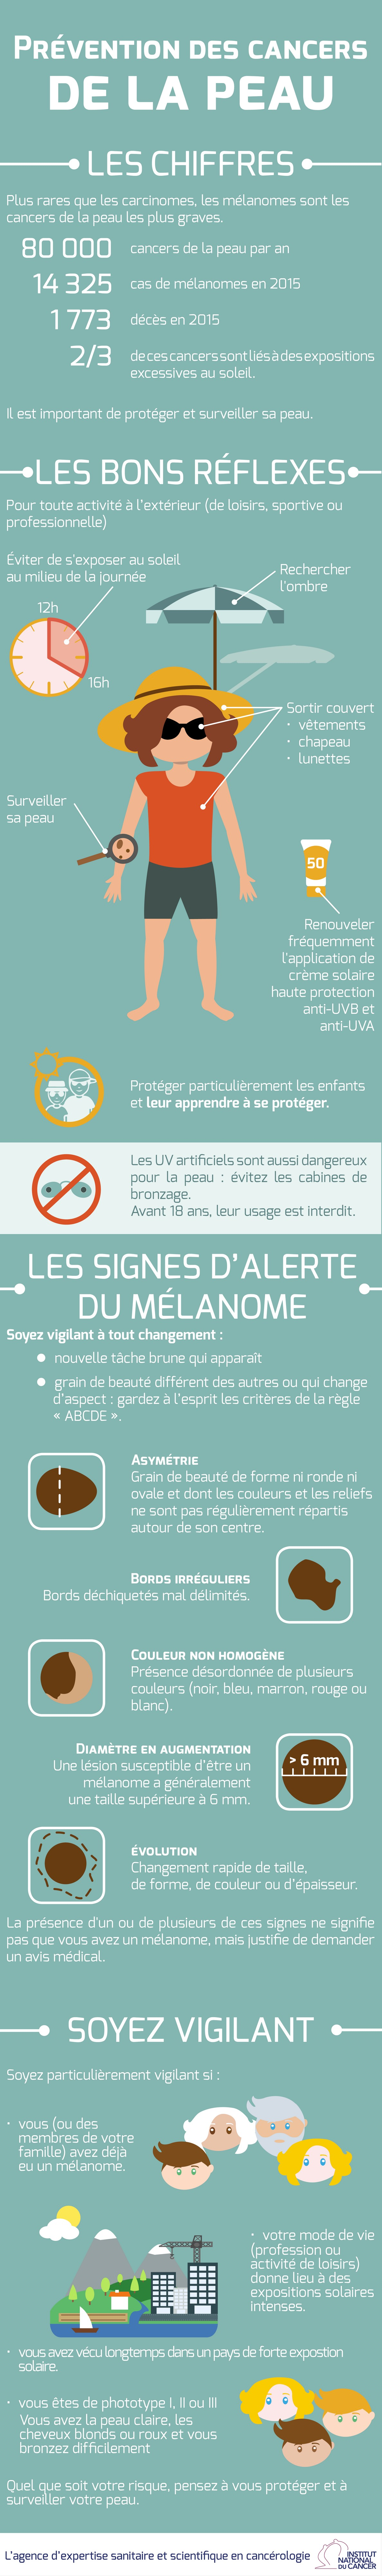 Protéger sa peau du soleil : les bons réflexes en infographie